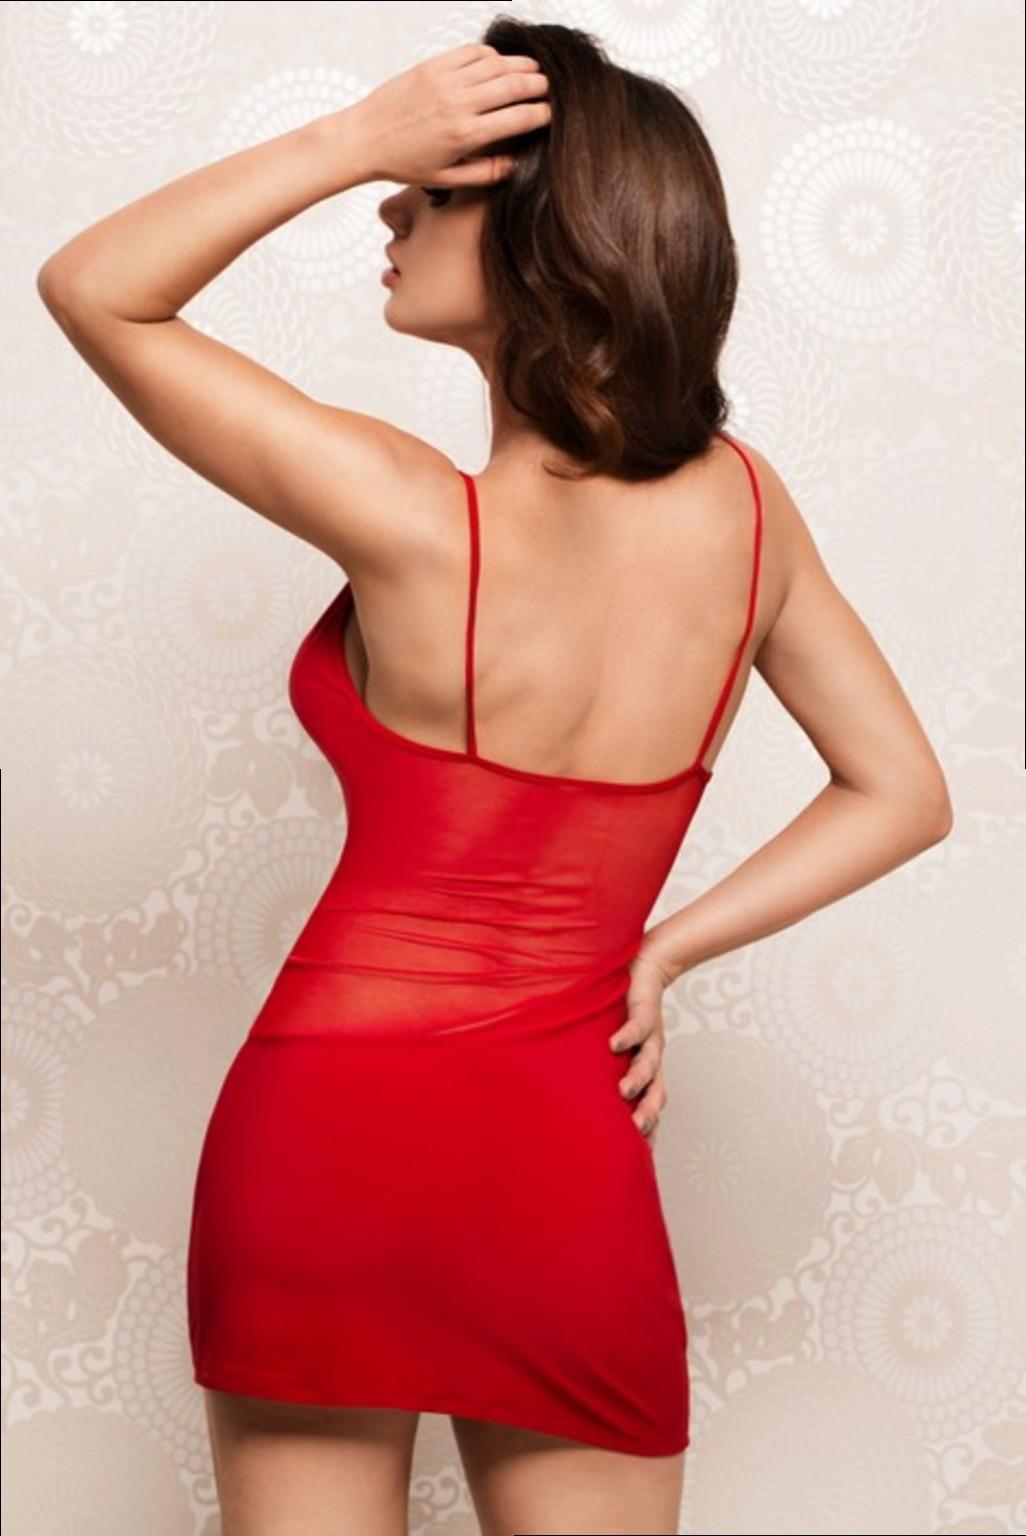 Прозрачные обтягивающие платья порно 14 фотография